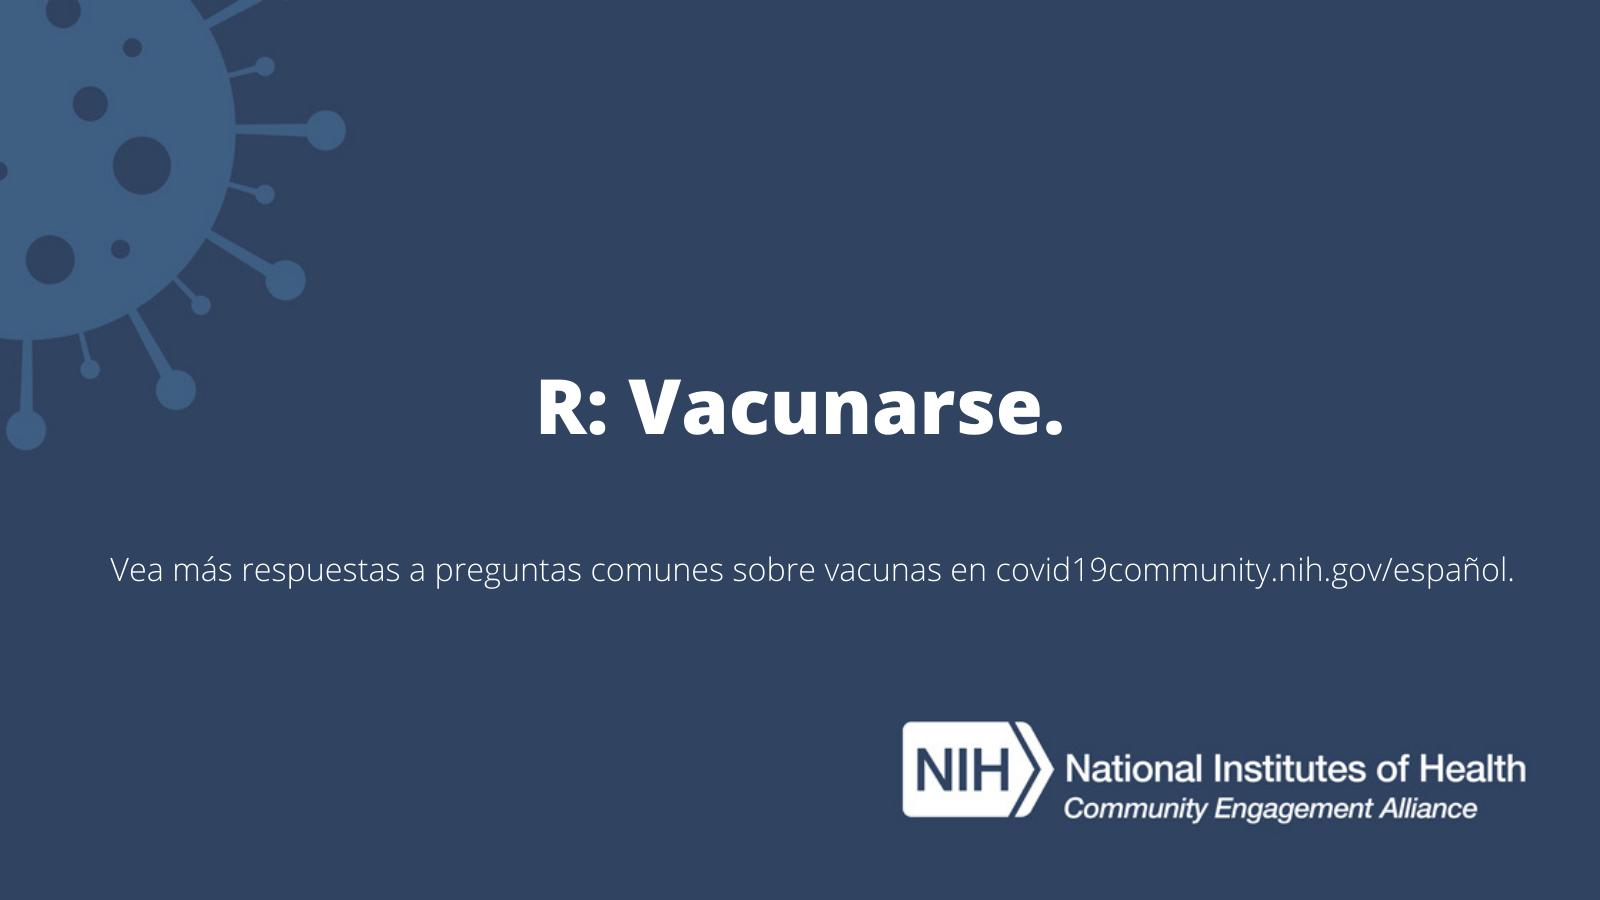 R: Vacunarse. Vea más respuestas a preguntas sobre las vacunas en covid19community.nih.gov/español.